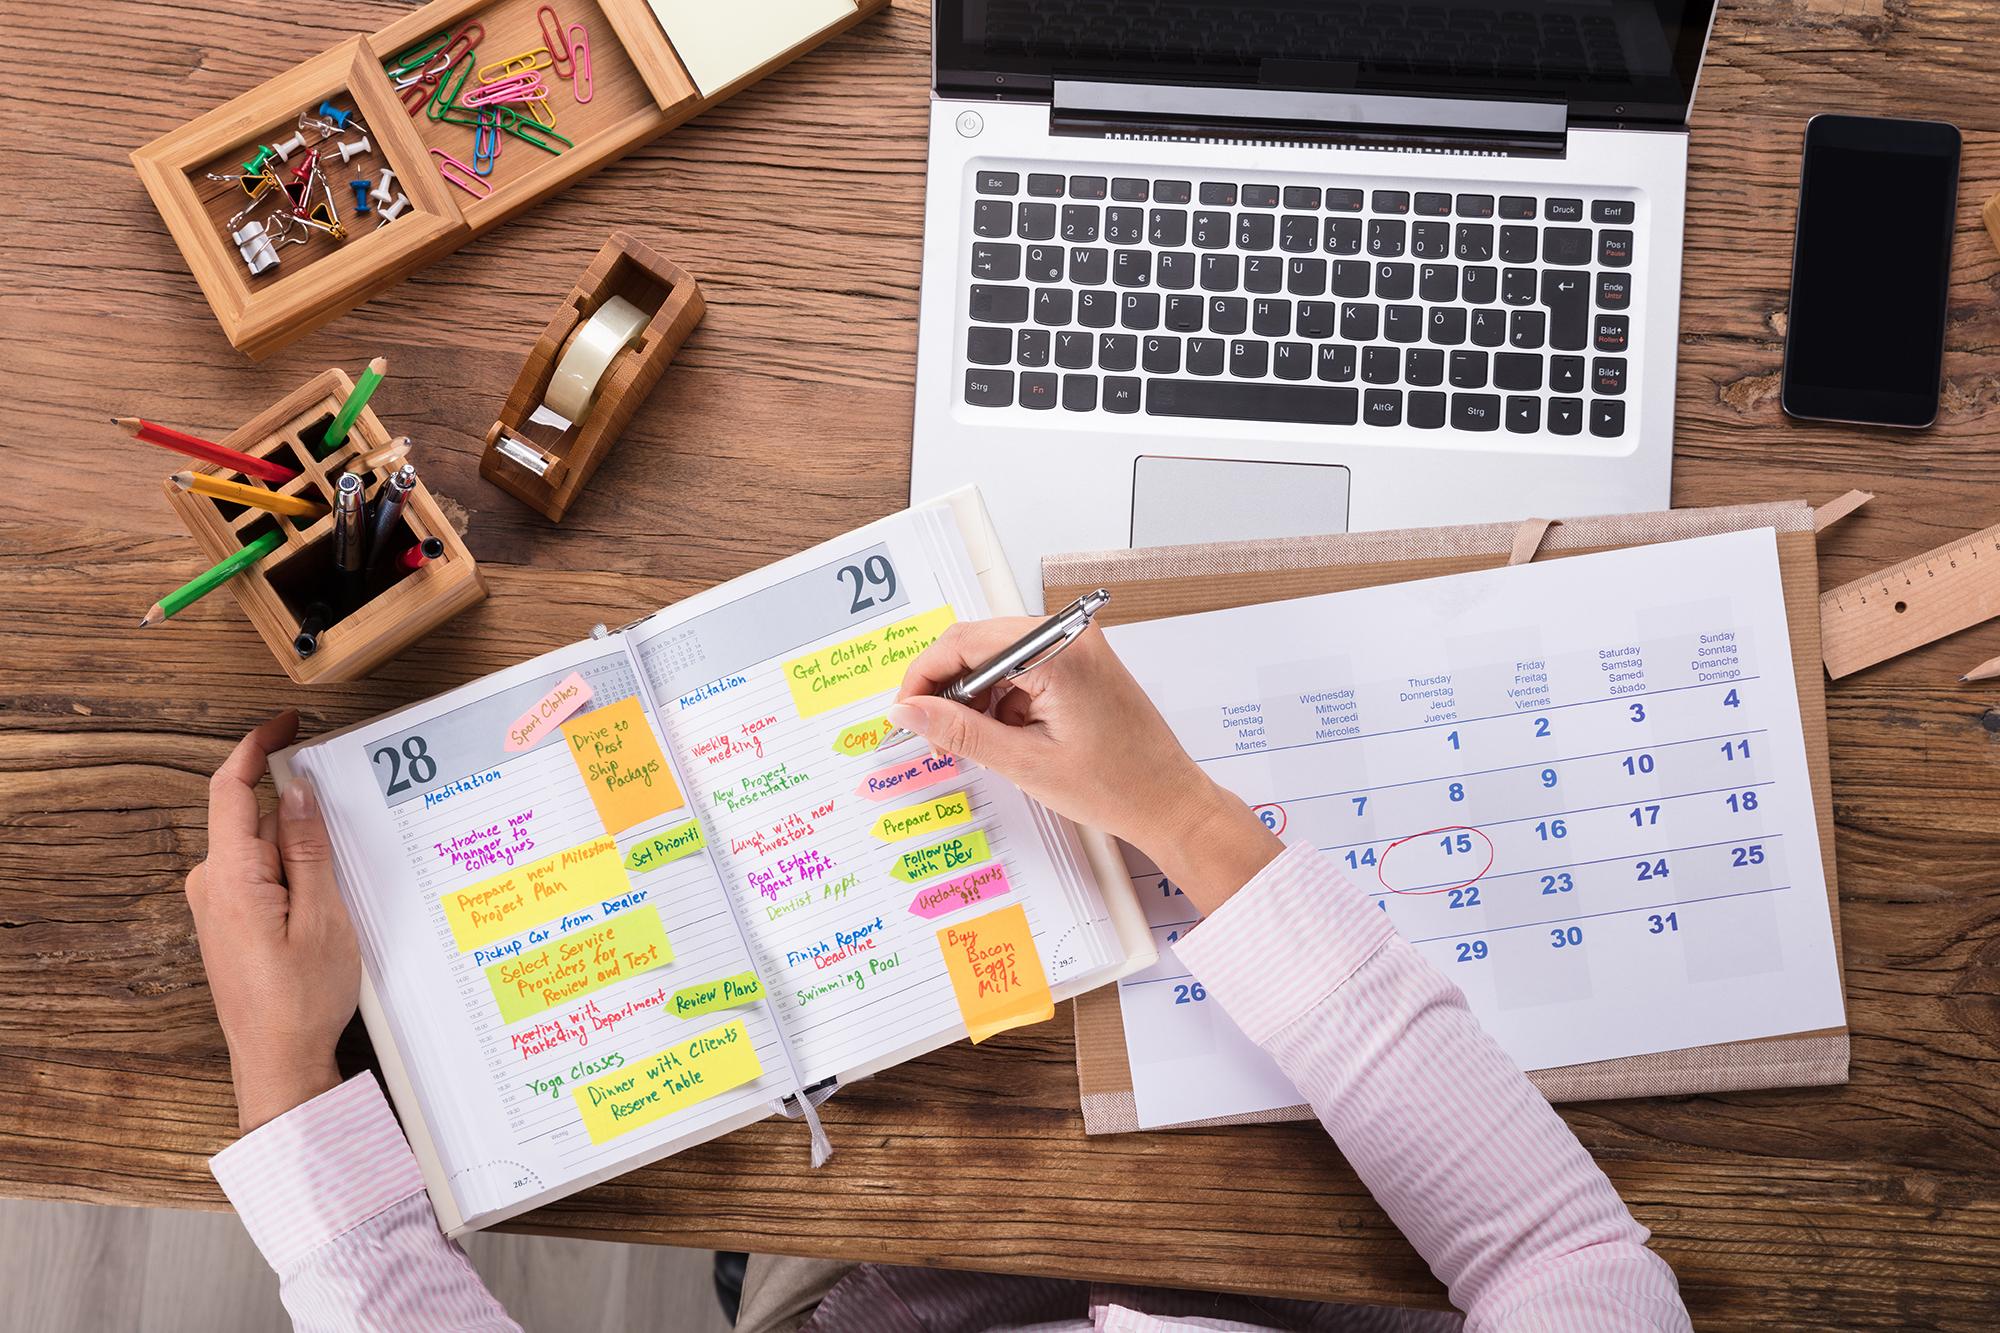 Kalendarz Marketingowca, czyli niestrać okazji naciekawą kampanię